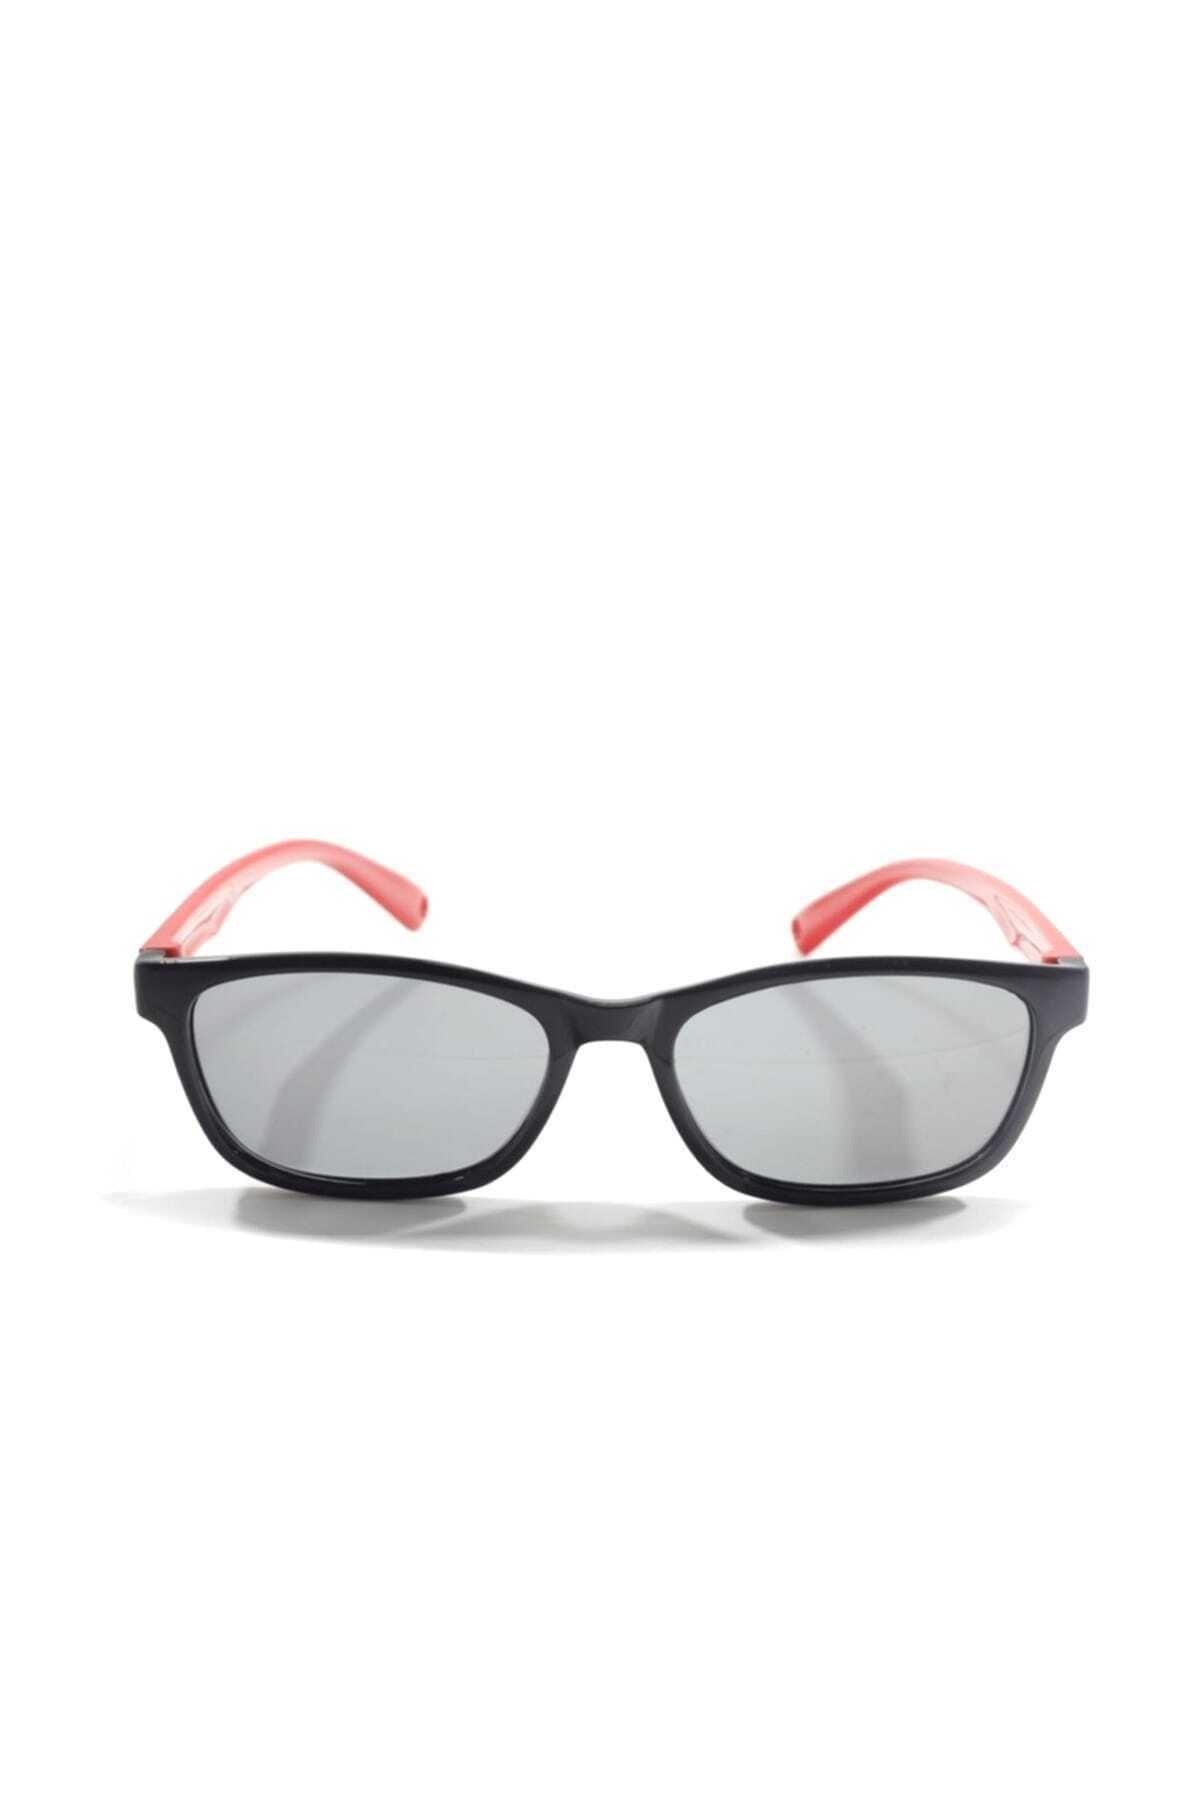 عینک آفتابی مدل 2021 برند Osse رنگ قرمز ty7055969